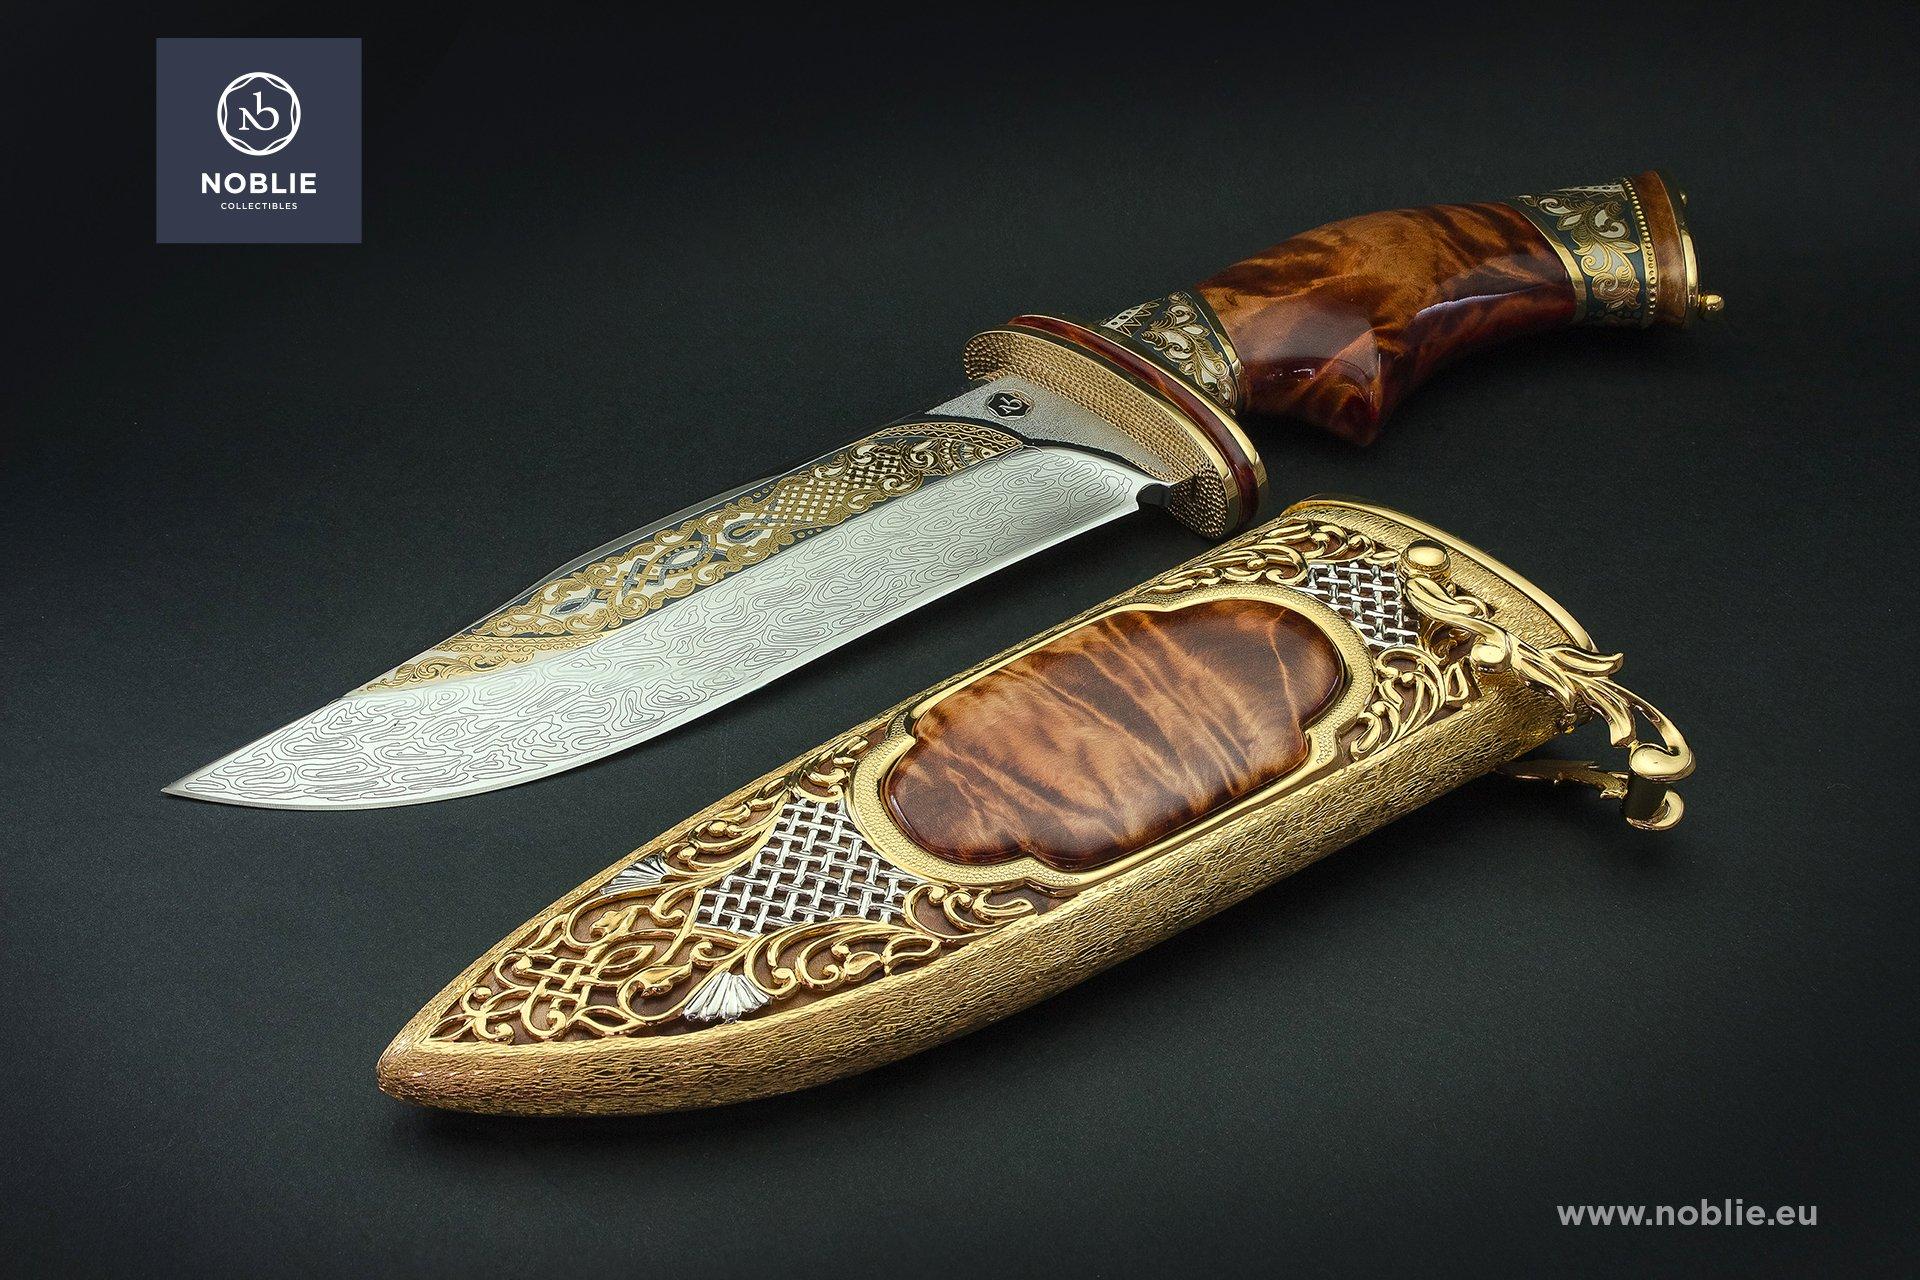 Stunning art knives